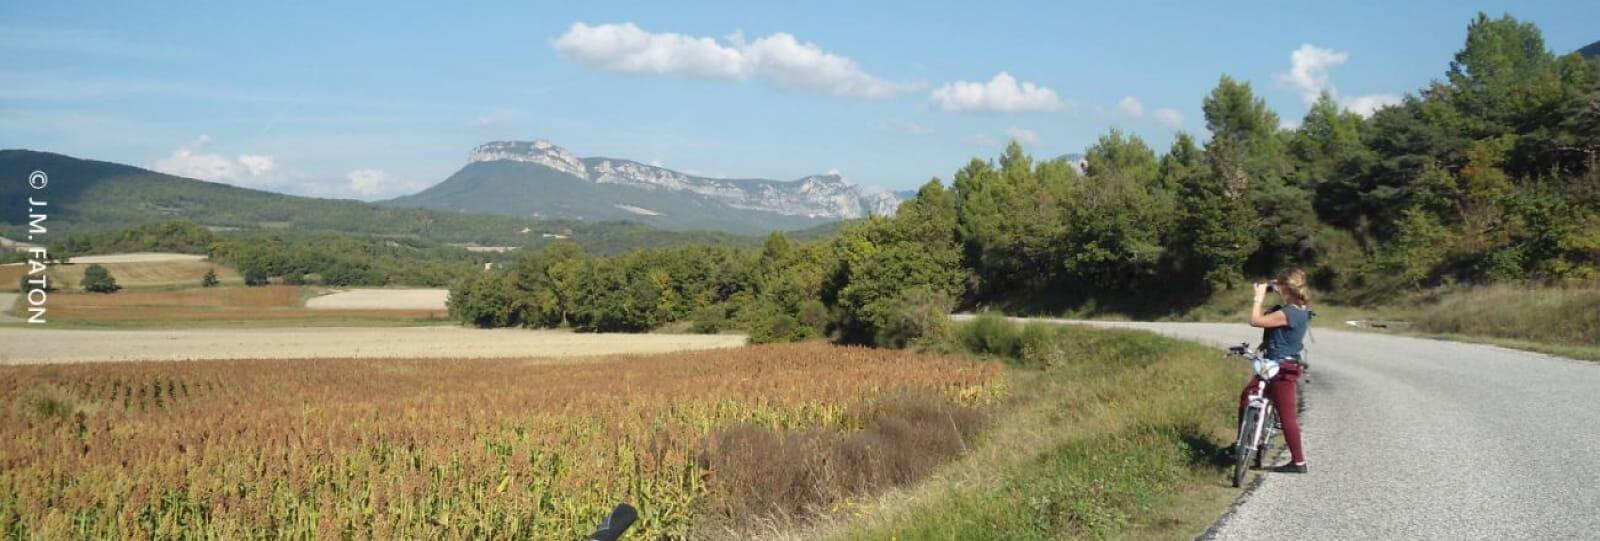 82 Les panoramas de la Valdaine